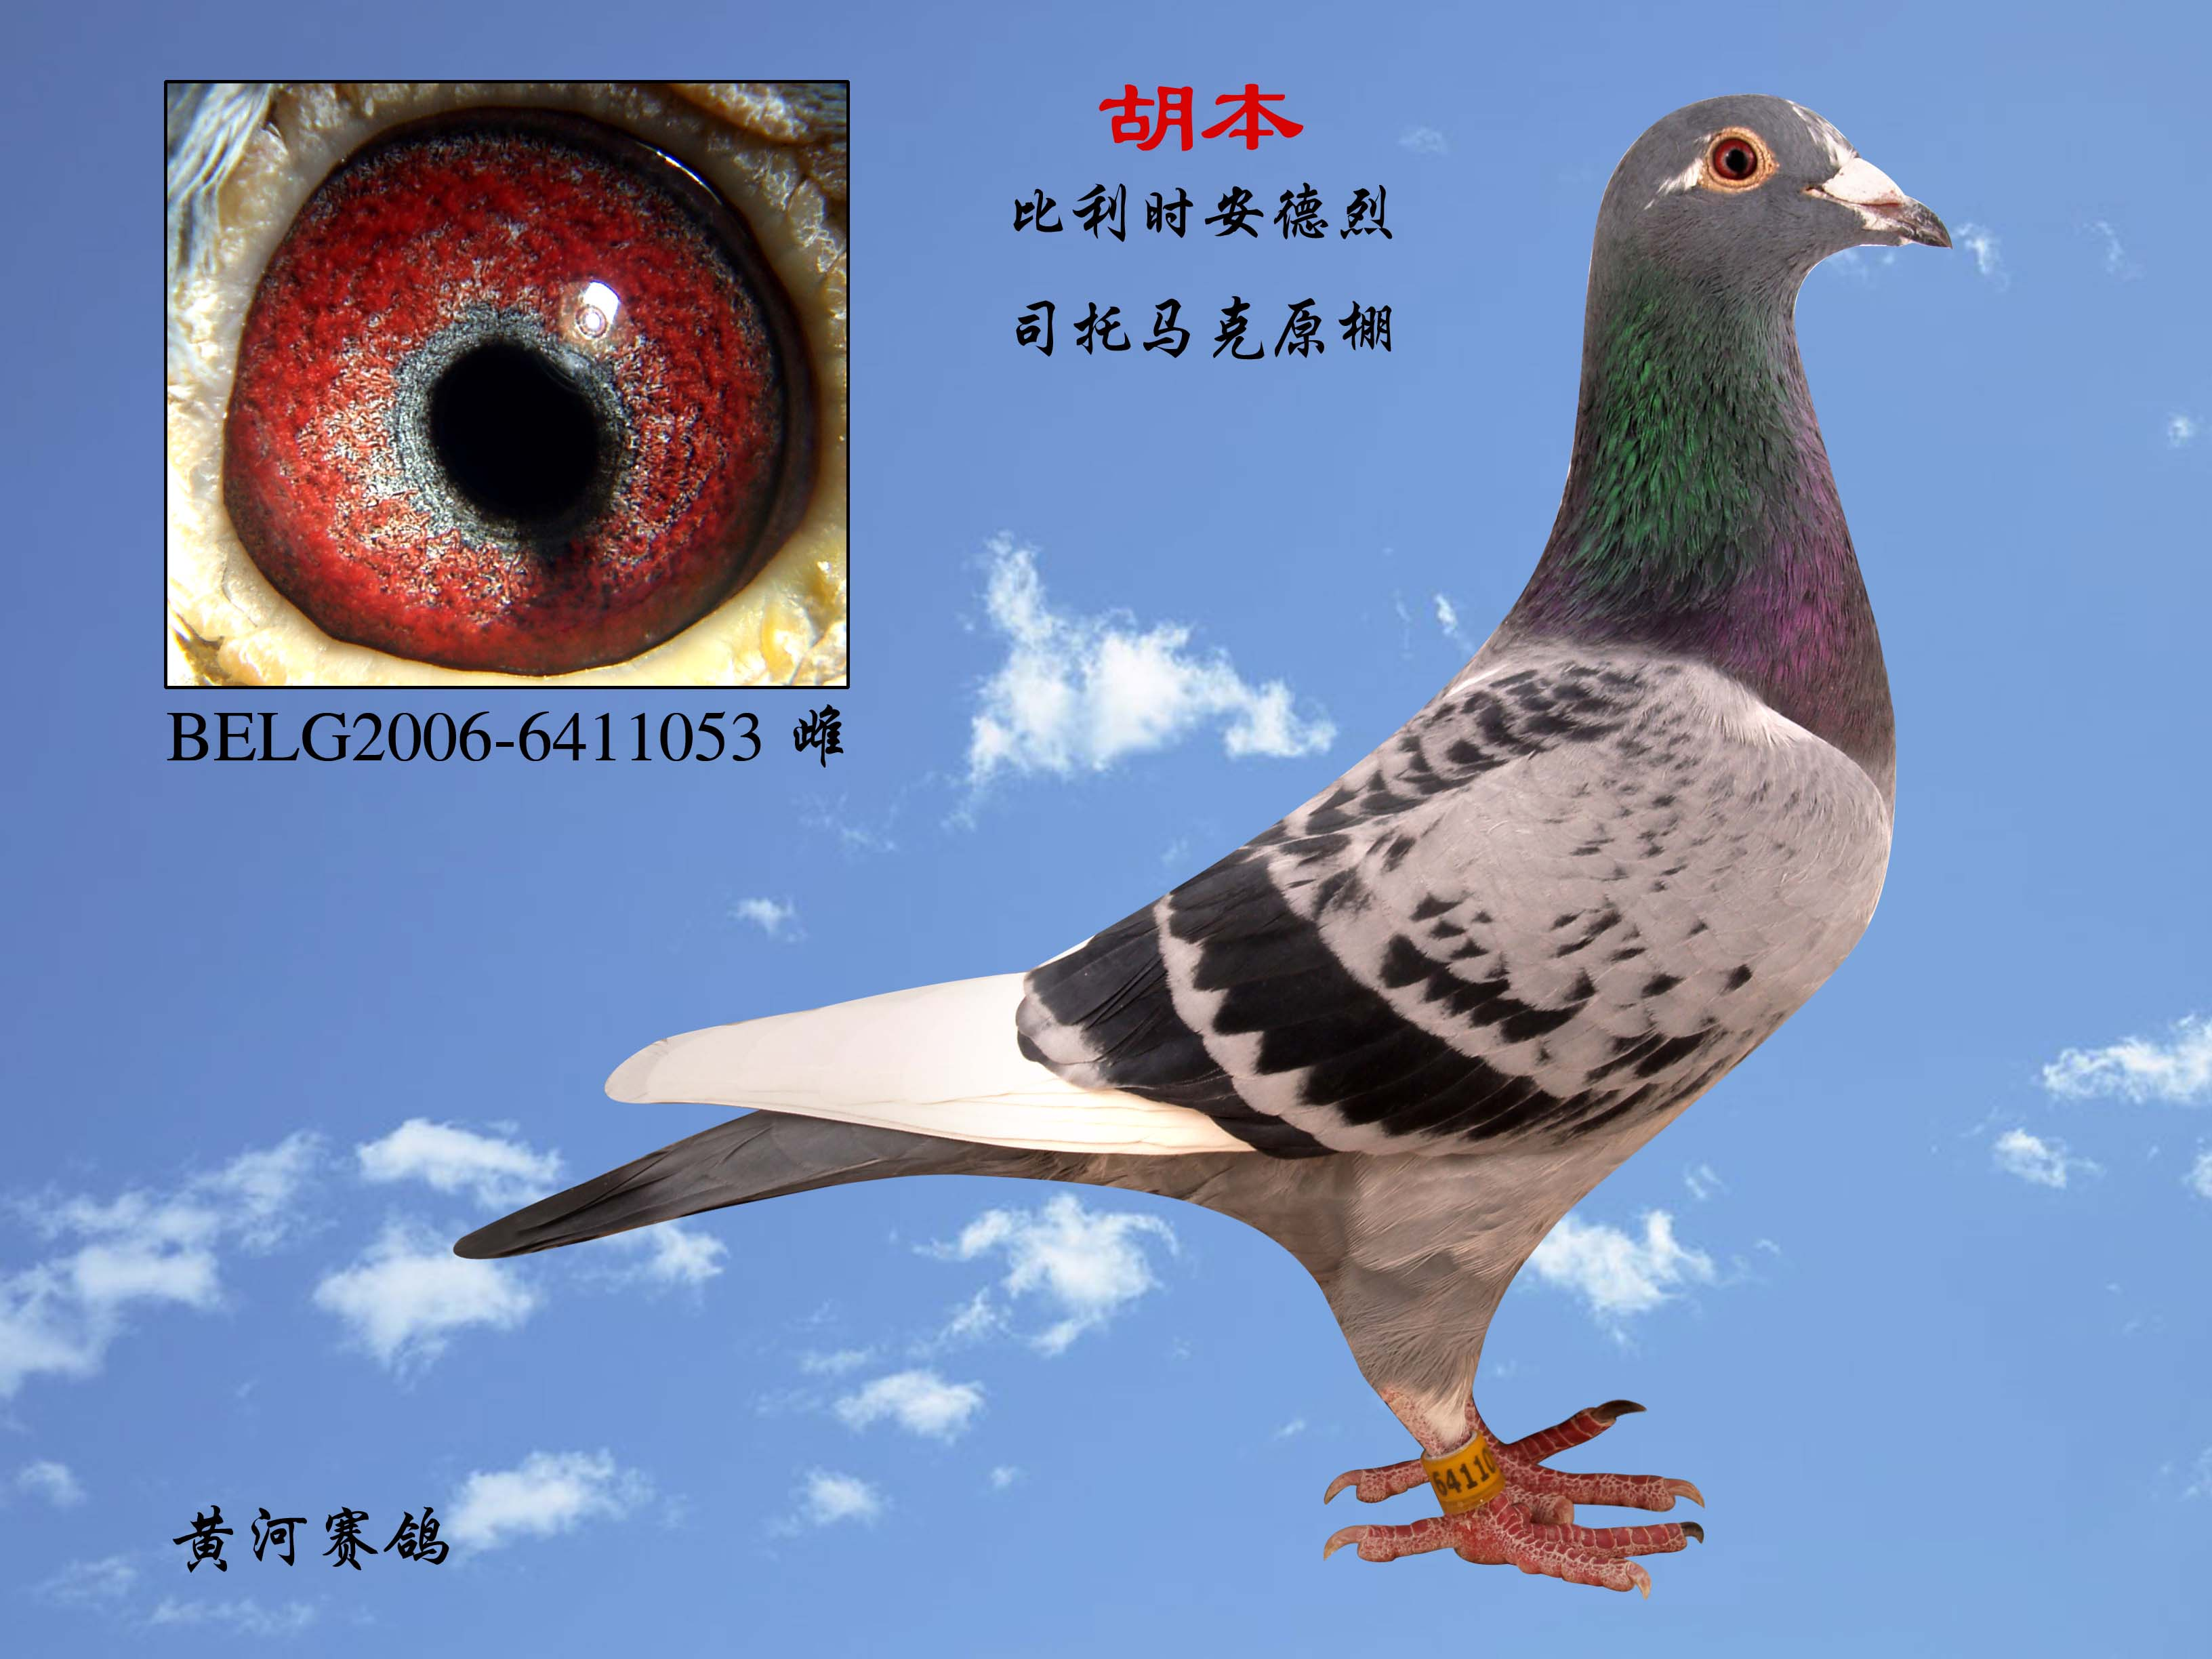 相关图片 信鸽特征 鸽名: 胡本-胡本信鸽眼睛图片图片大全 胡本原环